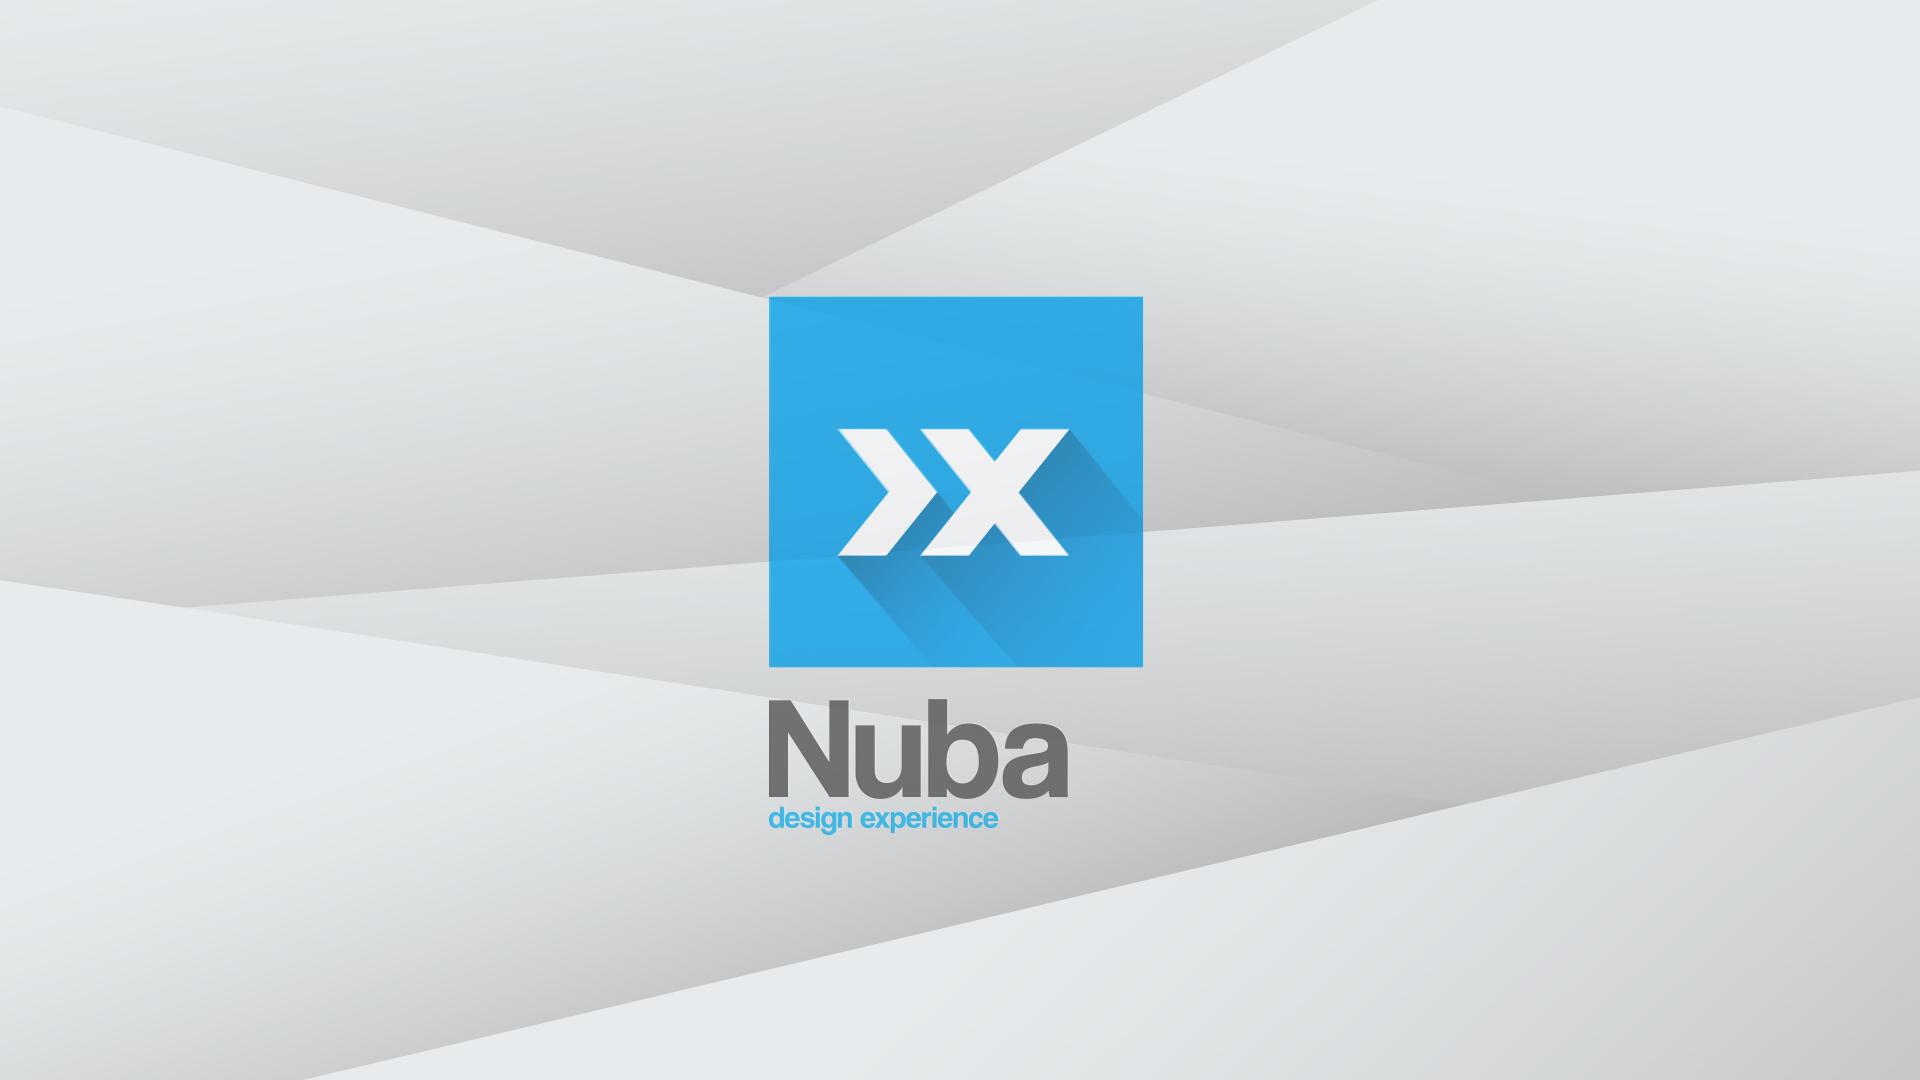 NUBA-Design-Experience